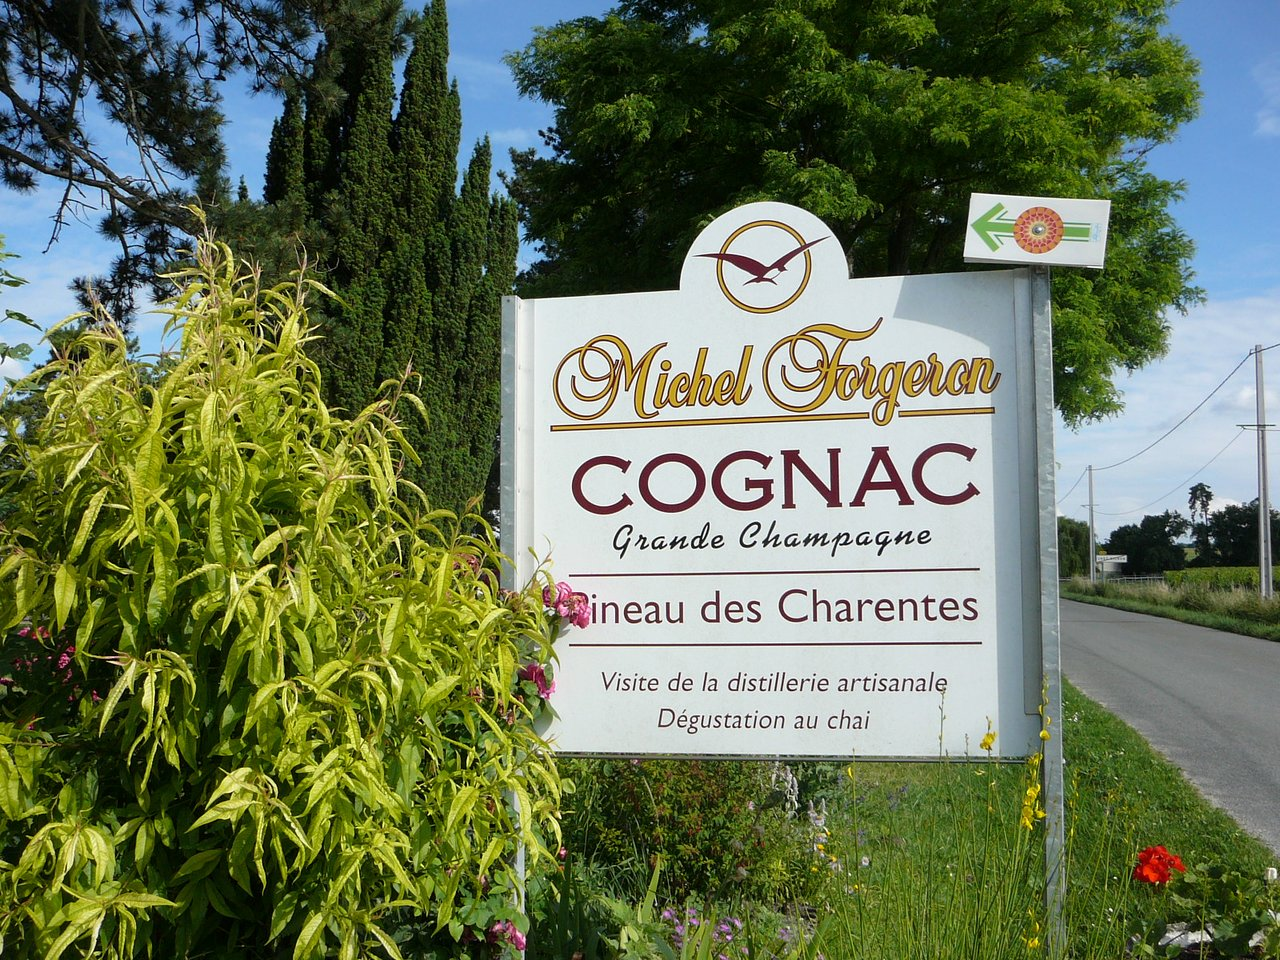 michel forgeron cognac